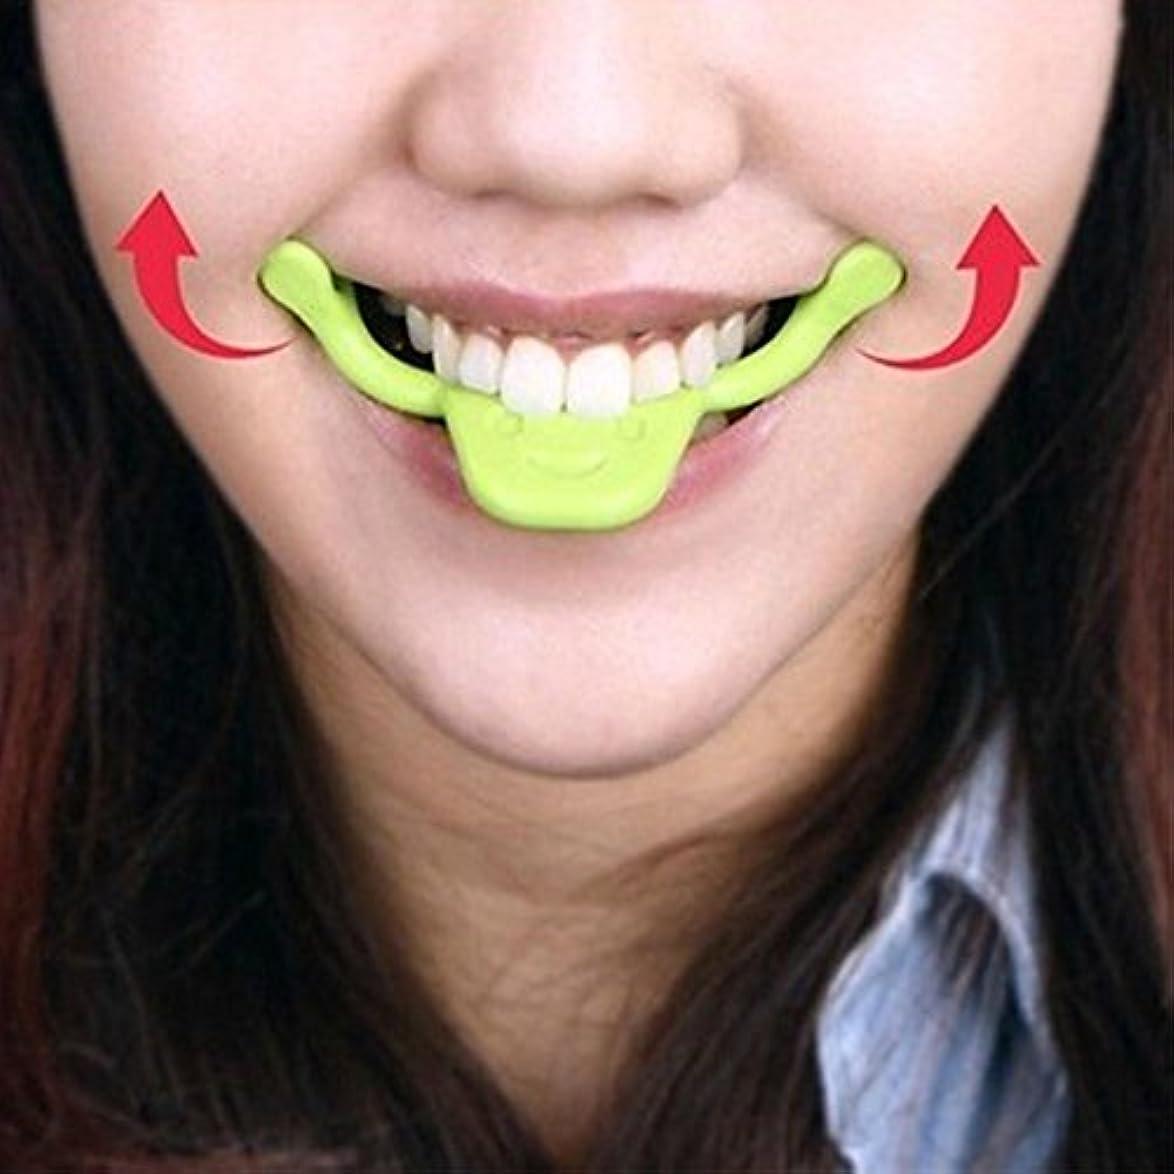 考えた押す首RaiFu スマイル矯正器 リフトアップ マウスピース 小顔サポート フェイススリマー 表情筋トレーニング 健康グッズ 笑顔 メーカー ビューティーケア